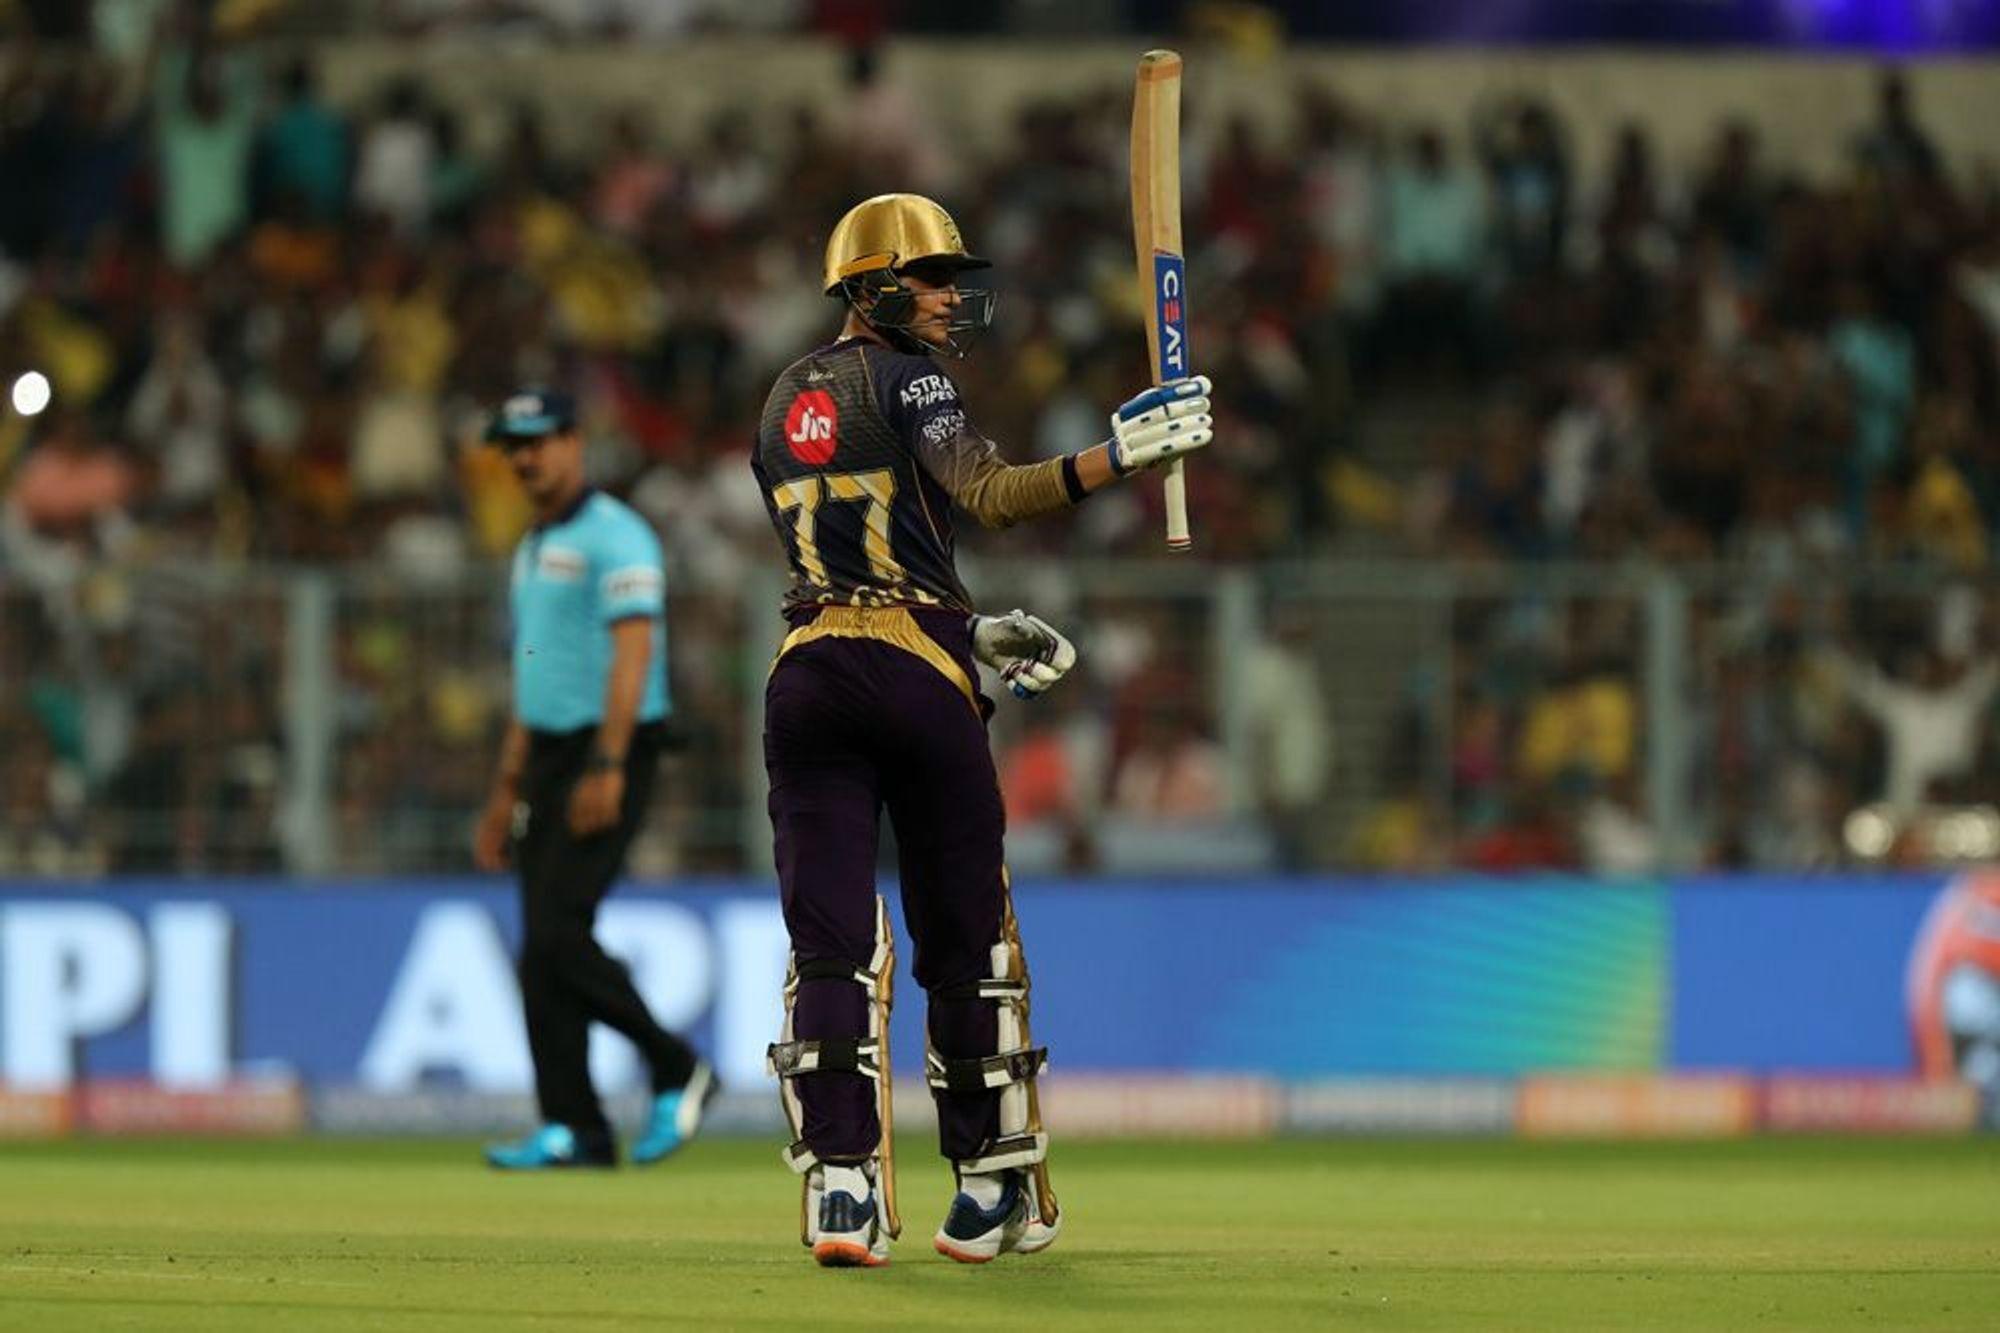 दिनेश कार्तिक ने बताया, क्यों टीम शुभमन गिल से नंबर 7 पर करवाते हैं बल्लेबाजी 7